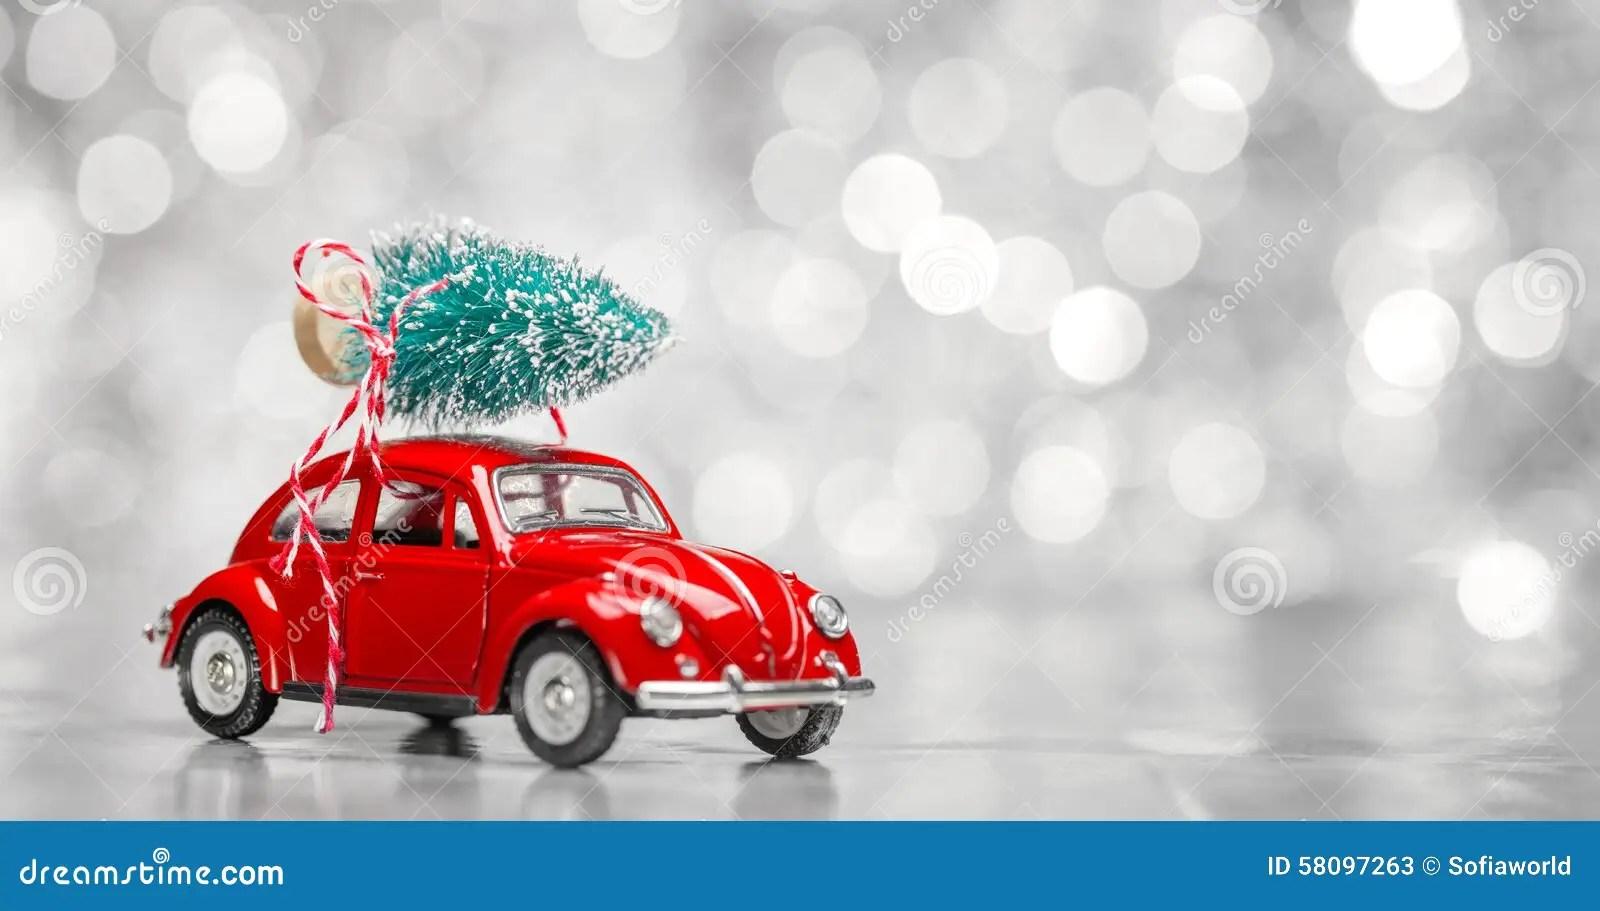 Christmas Card Stock Photo Image 58097263